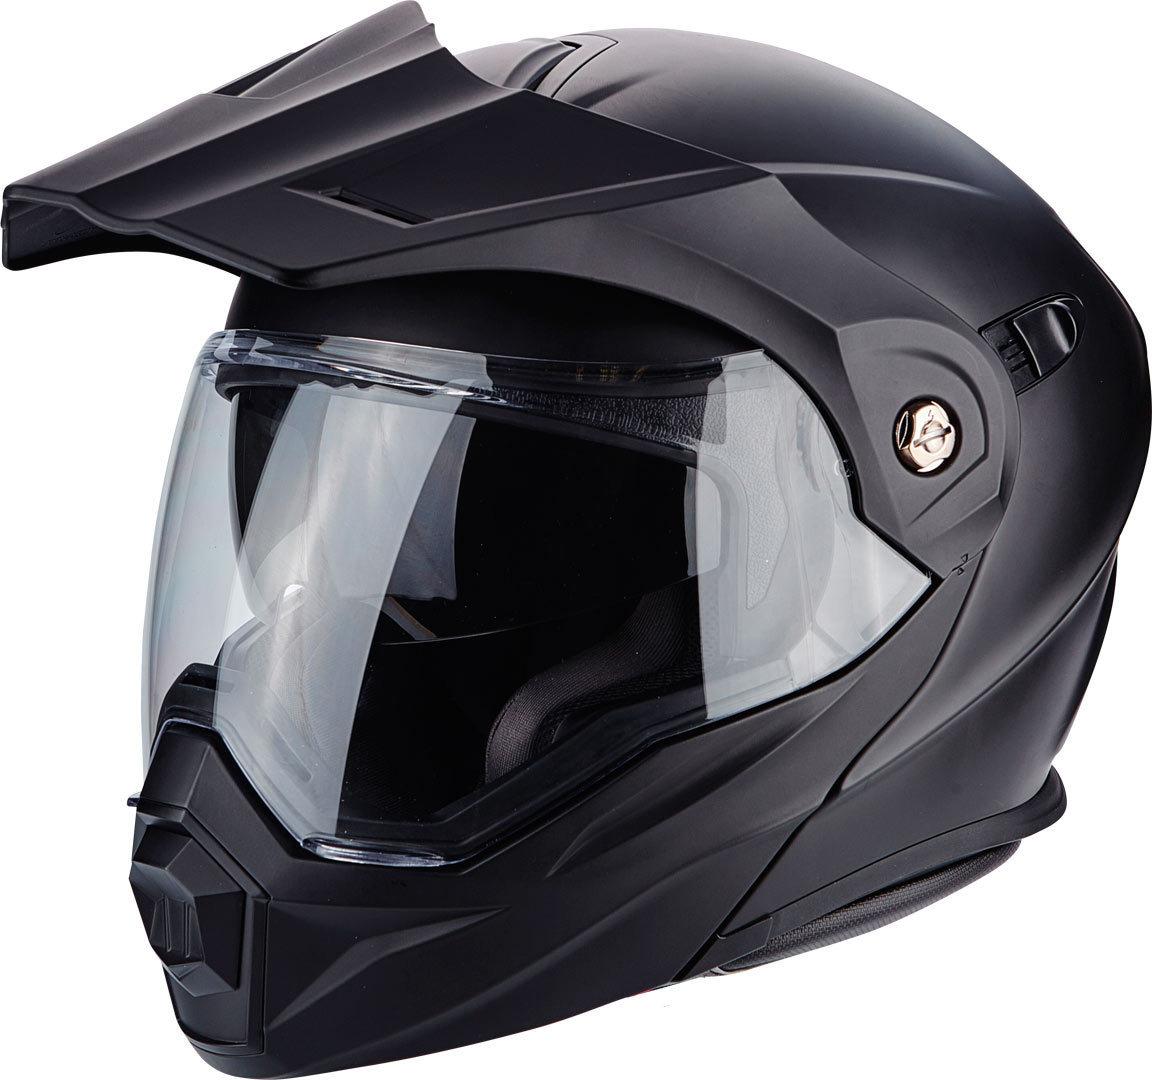 Scorpion ADX-1 Solid Enduro Klapphelm, schwarz, Größe XS 54 55, schwarz, Größe XS 54 55